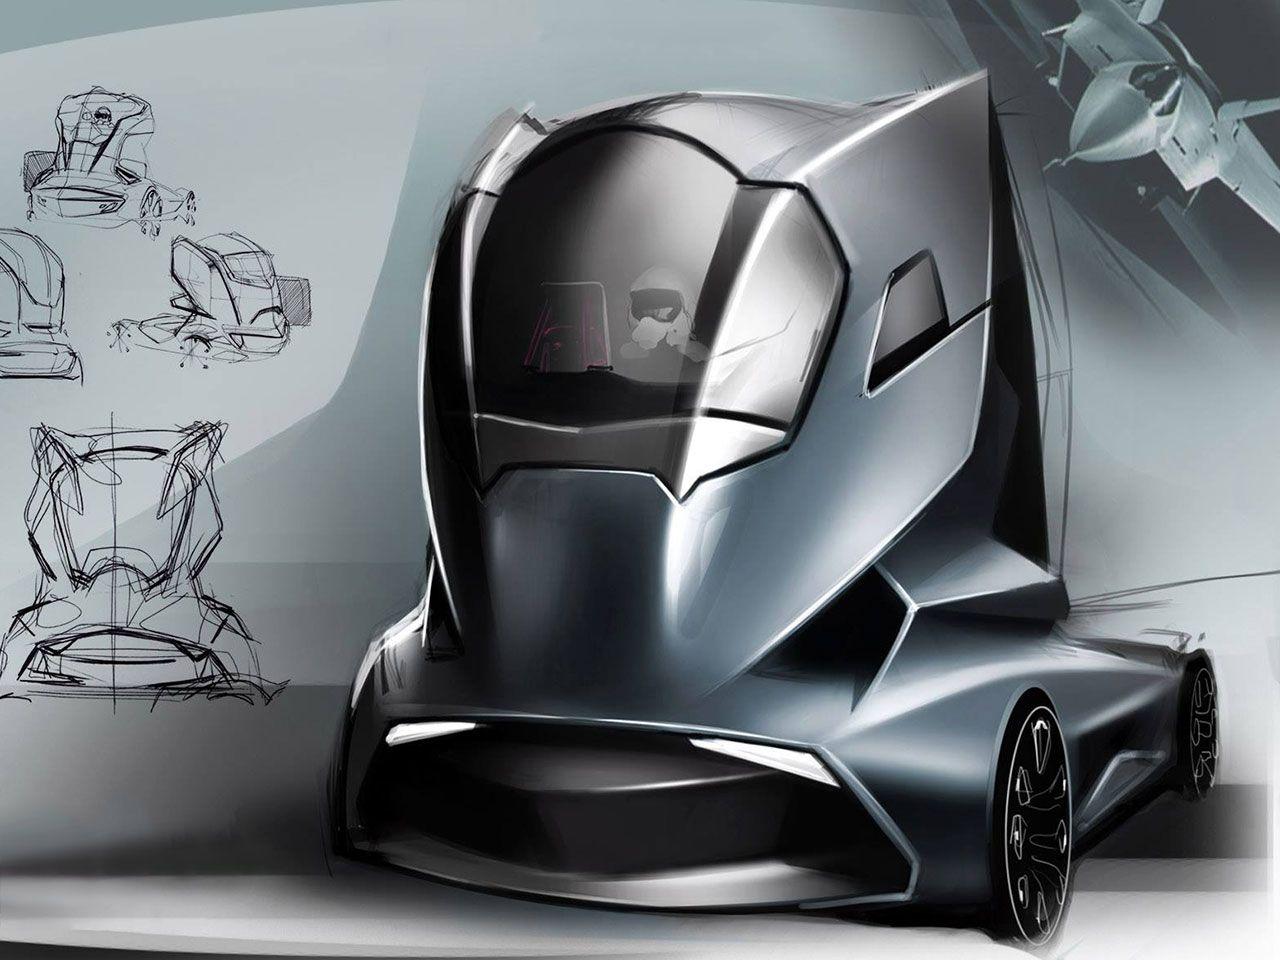 25 of the best food truck designs design galleries paste - Truck Design Concept By Hermann Seitz